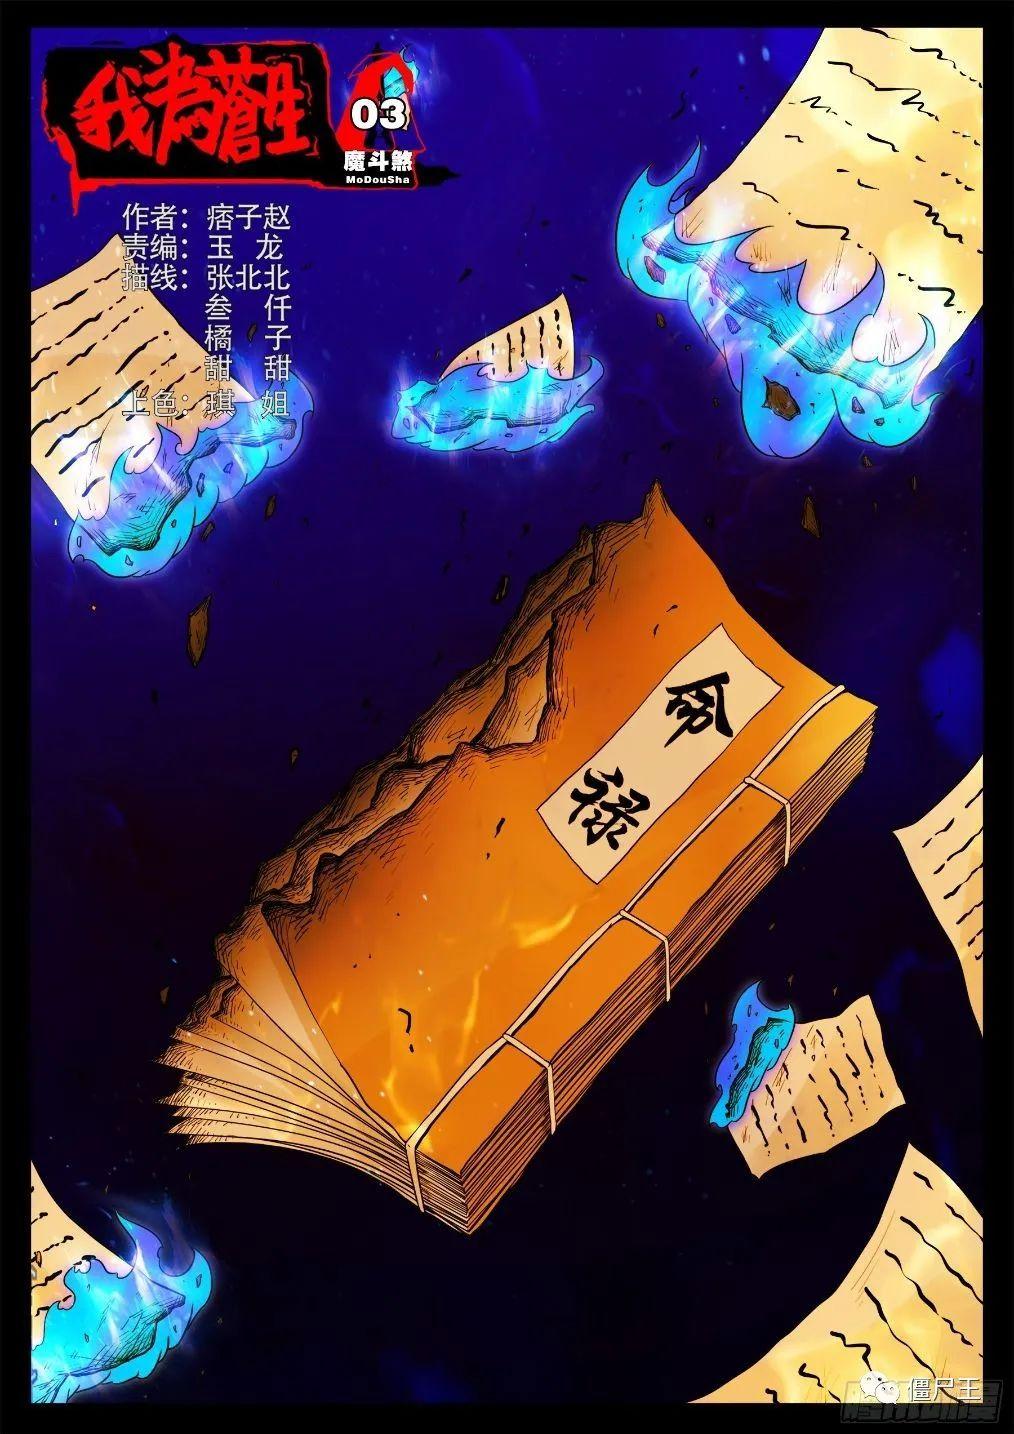 僵尸王漫画:《我为苍生》魔斗煞 03